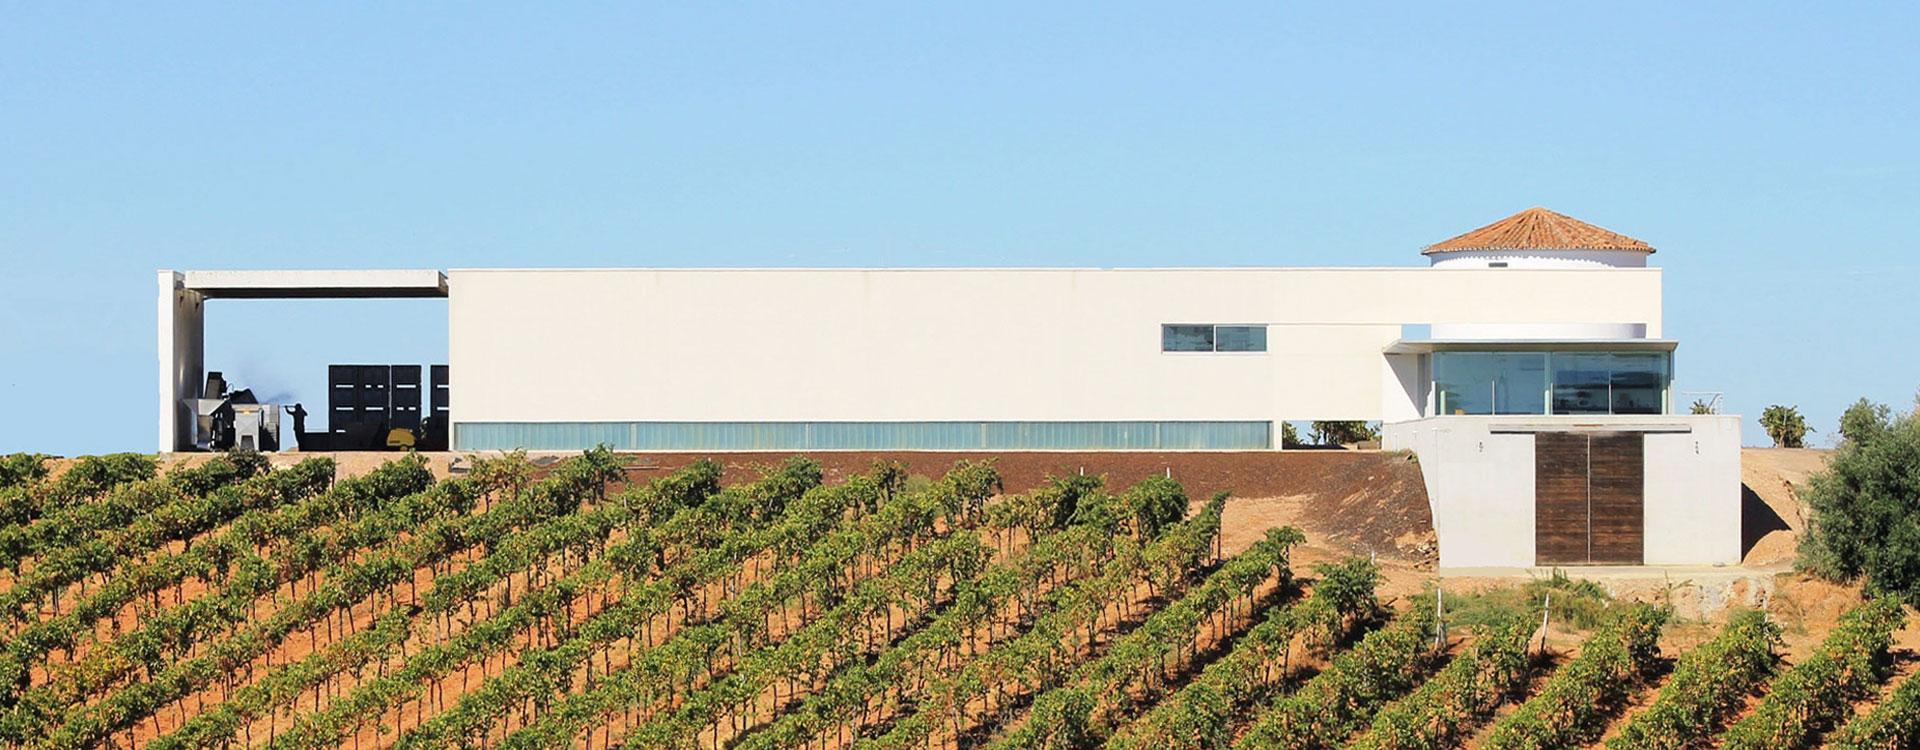 Adega Monte Branco - Lunch & Wine Tasting